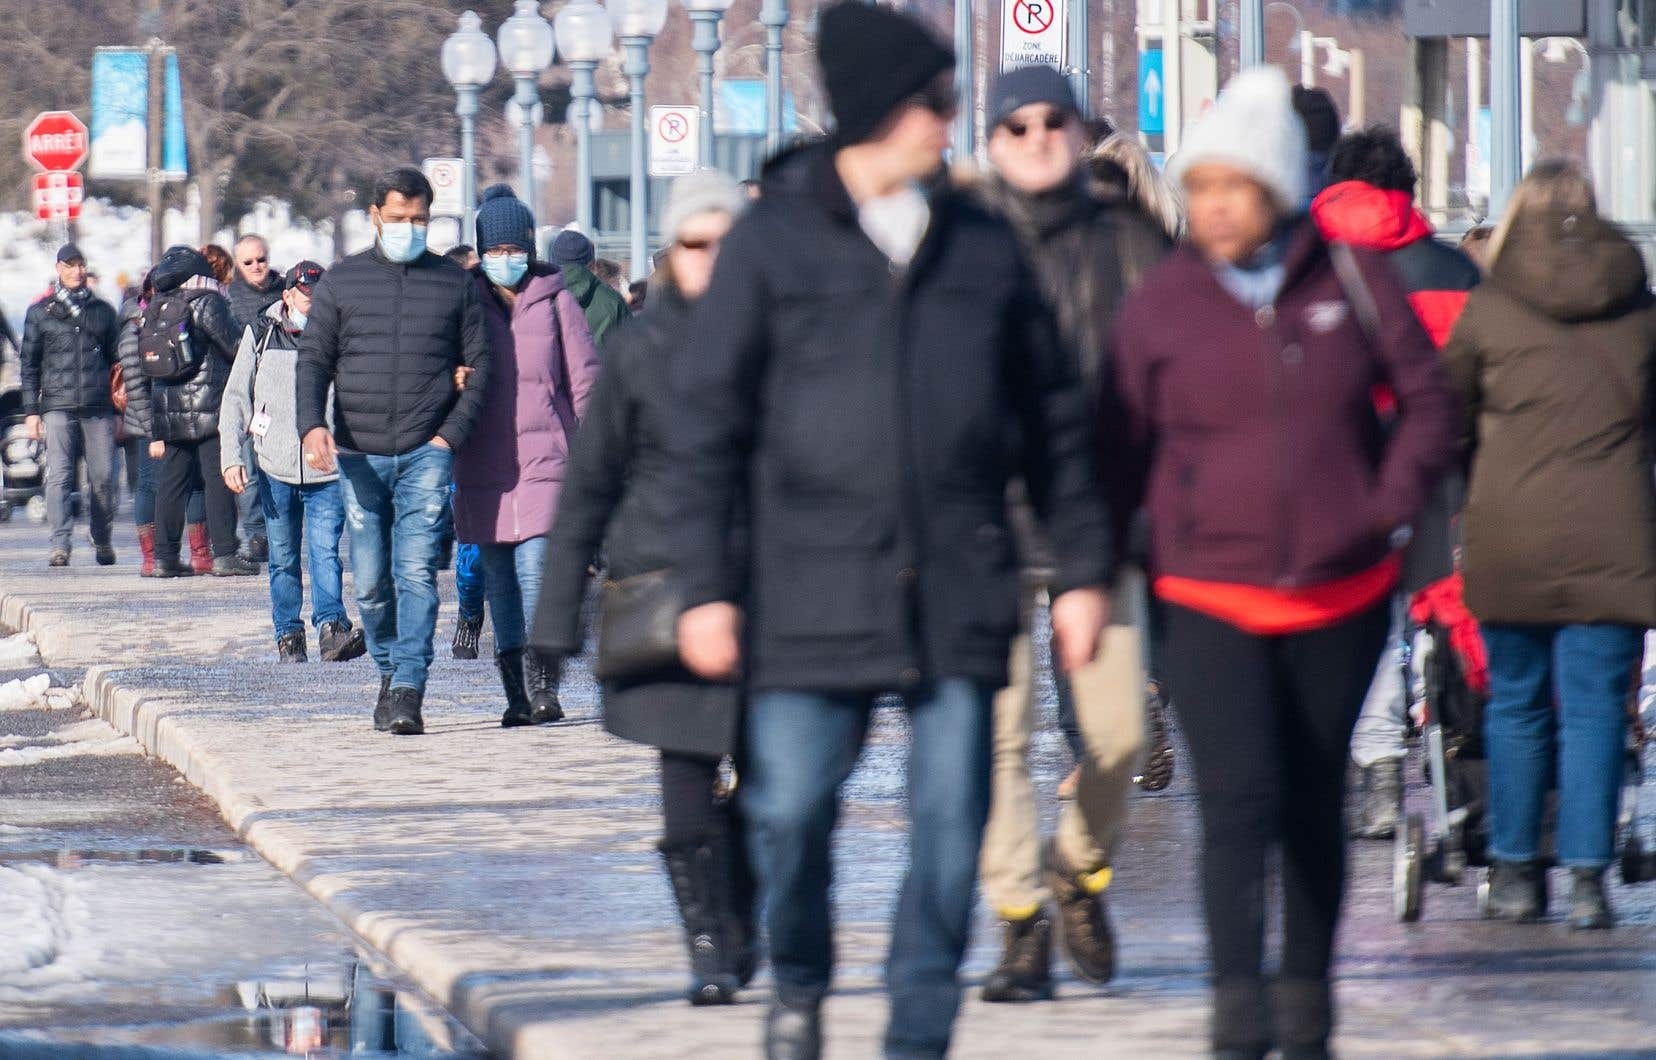 Le rapport du FMI suggère que le Canada procède à un examen plus approfondi de son programme d'assurance-emploi pour combler les lacunes d'admissibilité depuis la fin de la PCU.